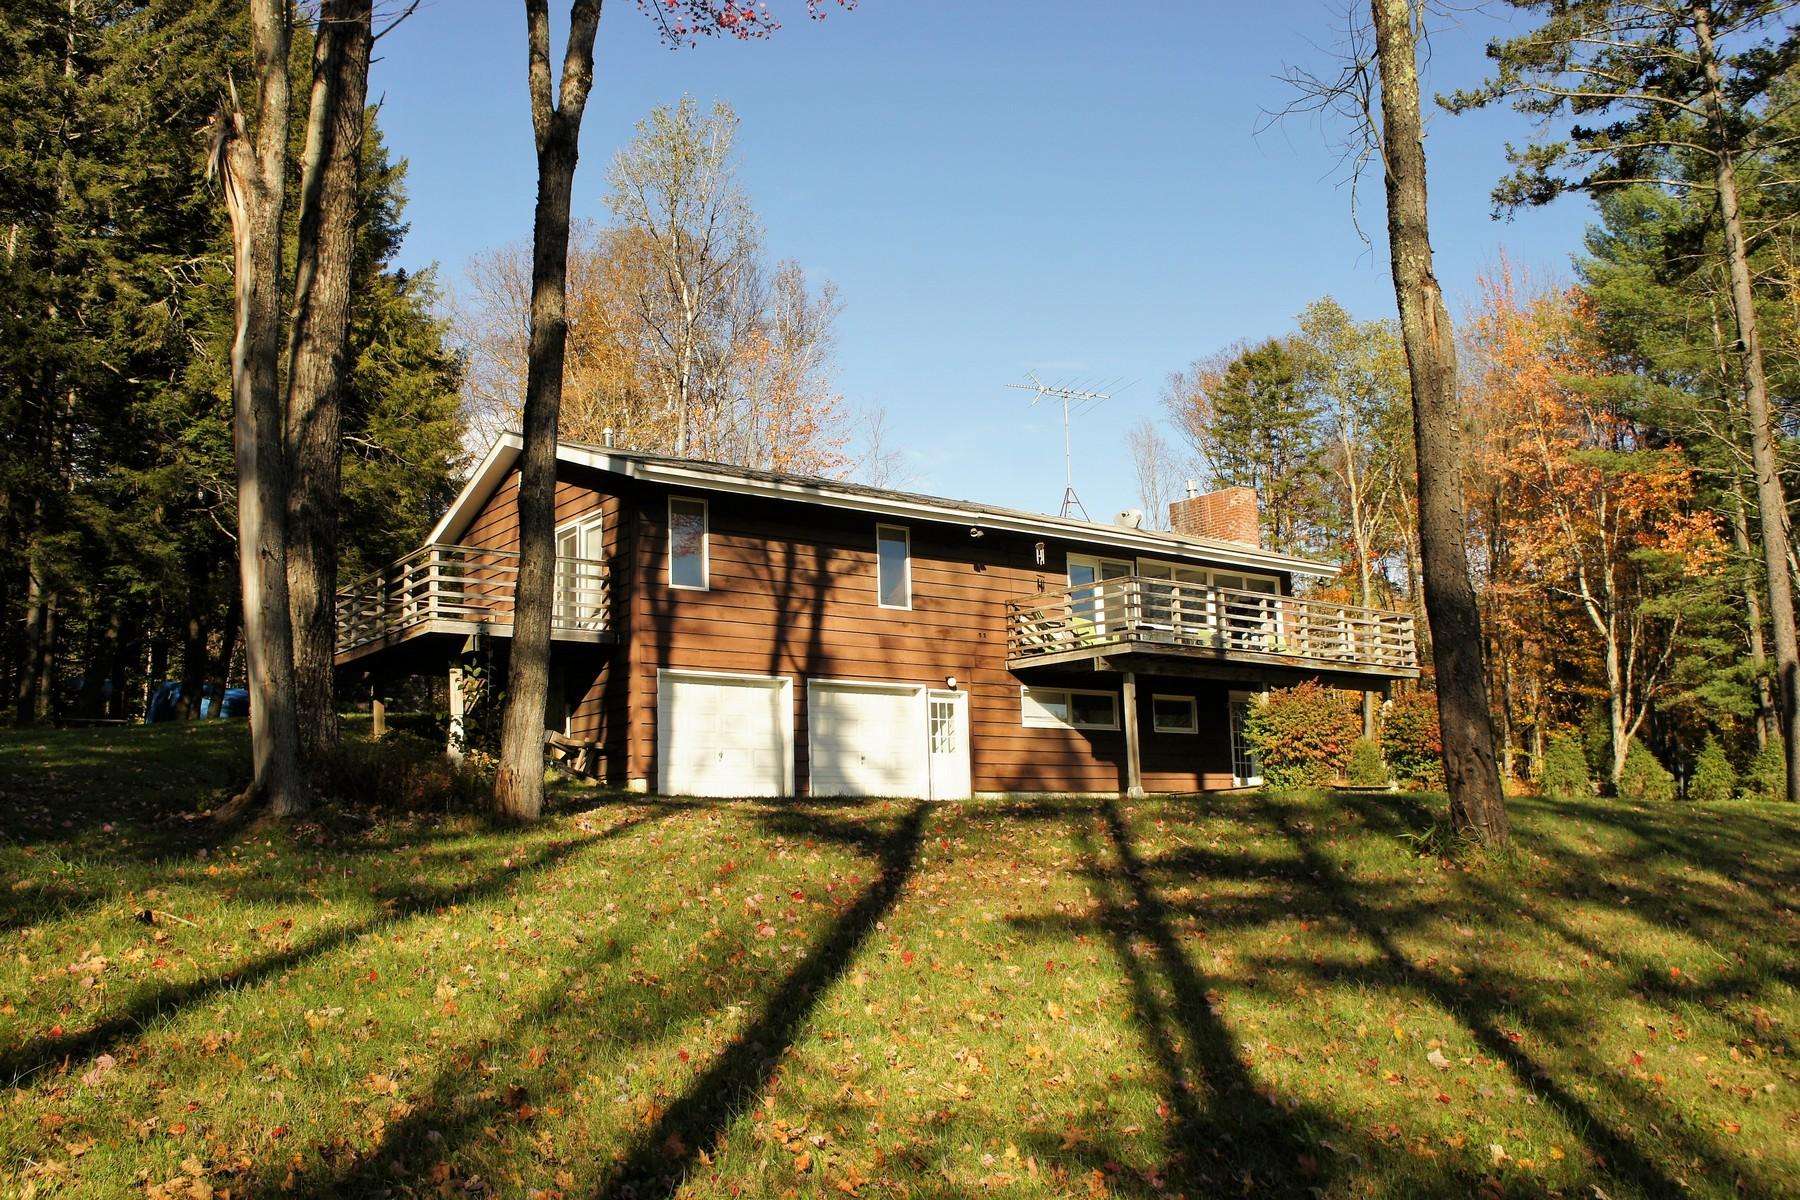 獨棟家庭住宅 為 出售 在 45 Mountain Haus, Stowe Stowe, 佛蒙特州, 05672 美國